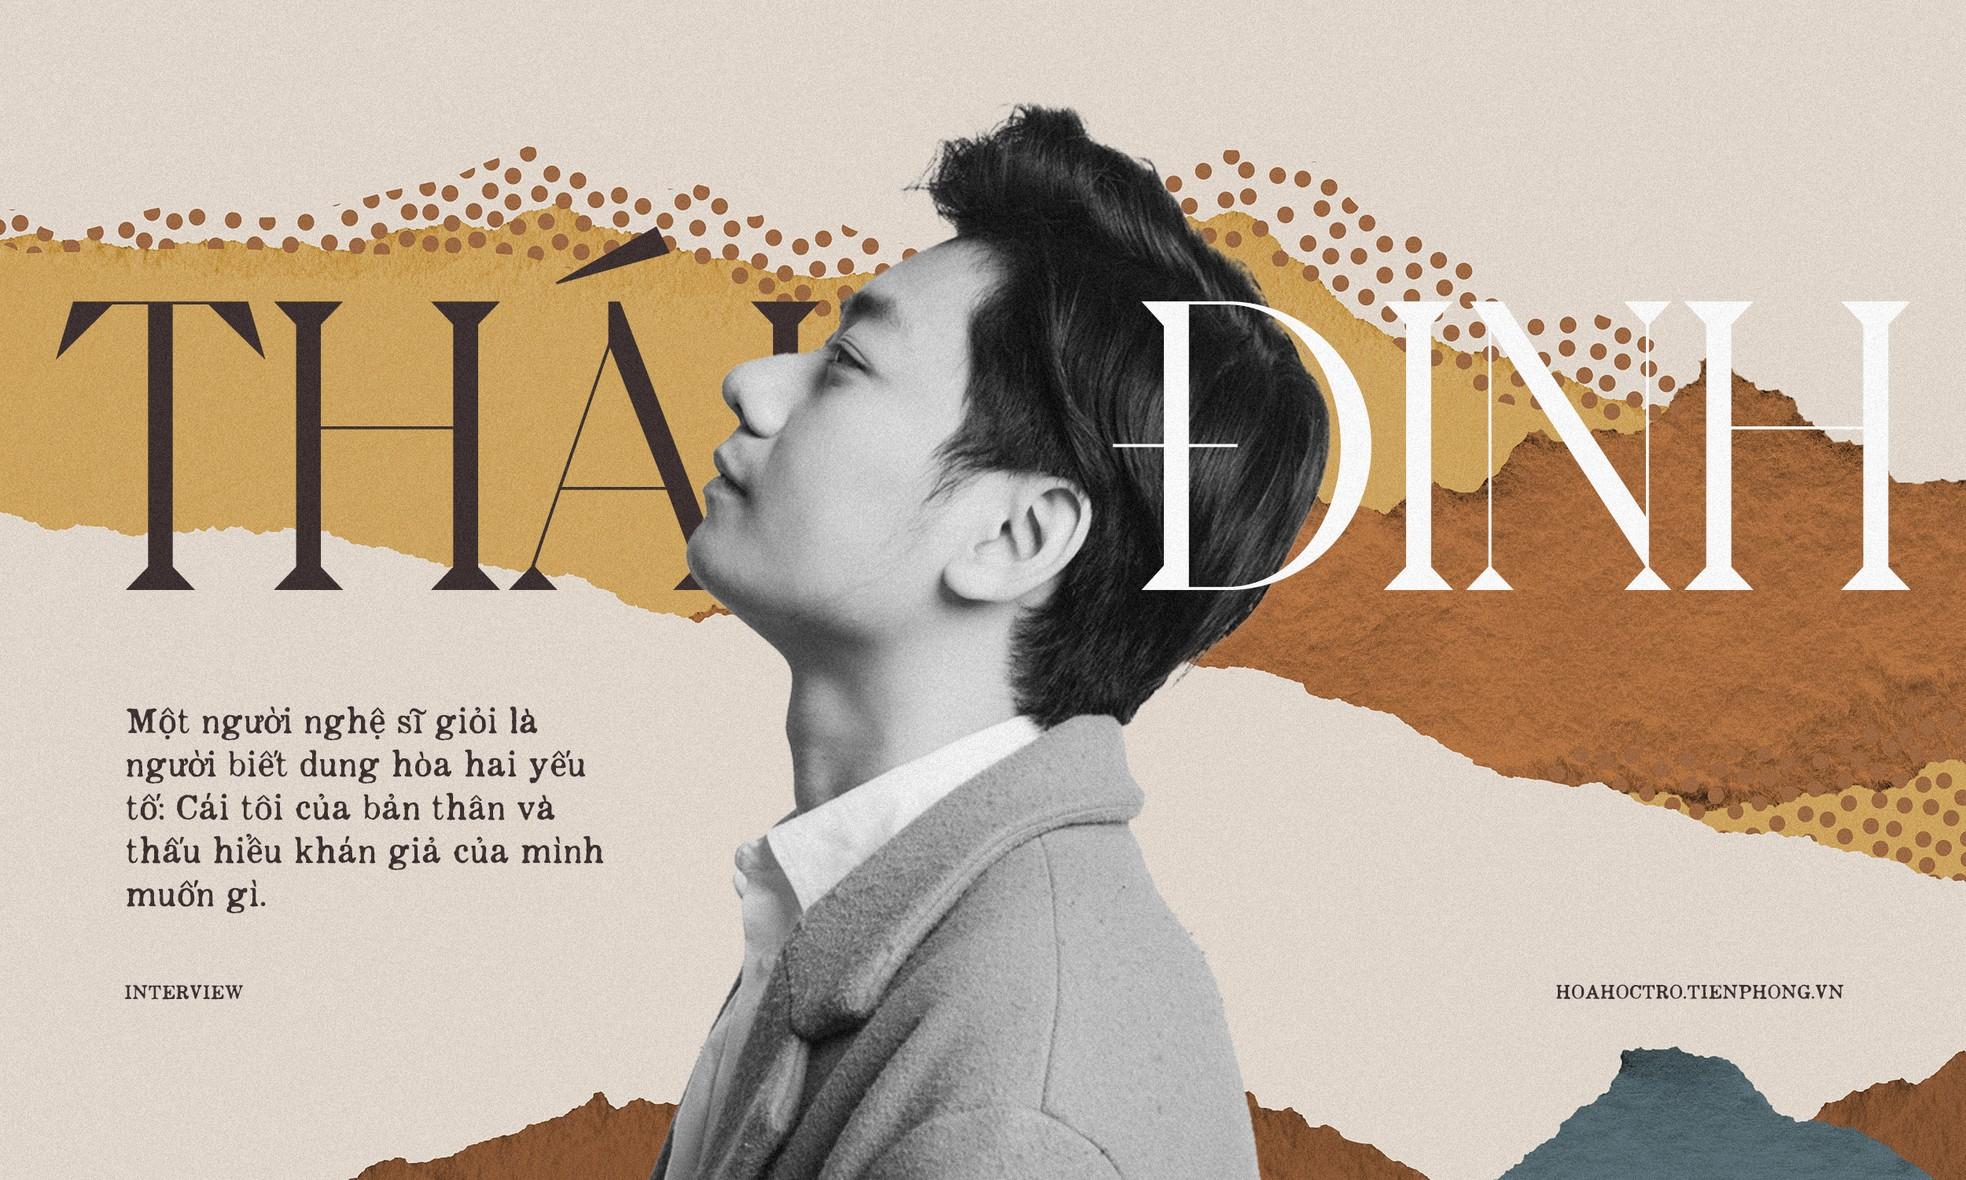 """Thái Đinh: """"Không tham lam đến mức ép khán giả phải yêu mến mình trong mọi sản phẩm"""" ảnh 3"""